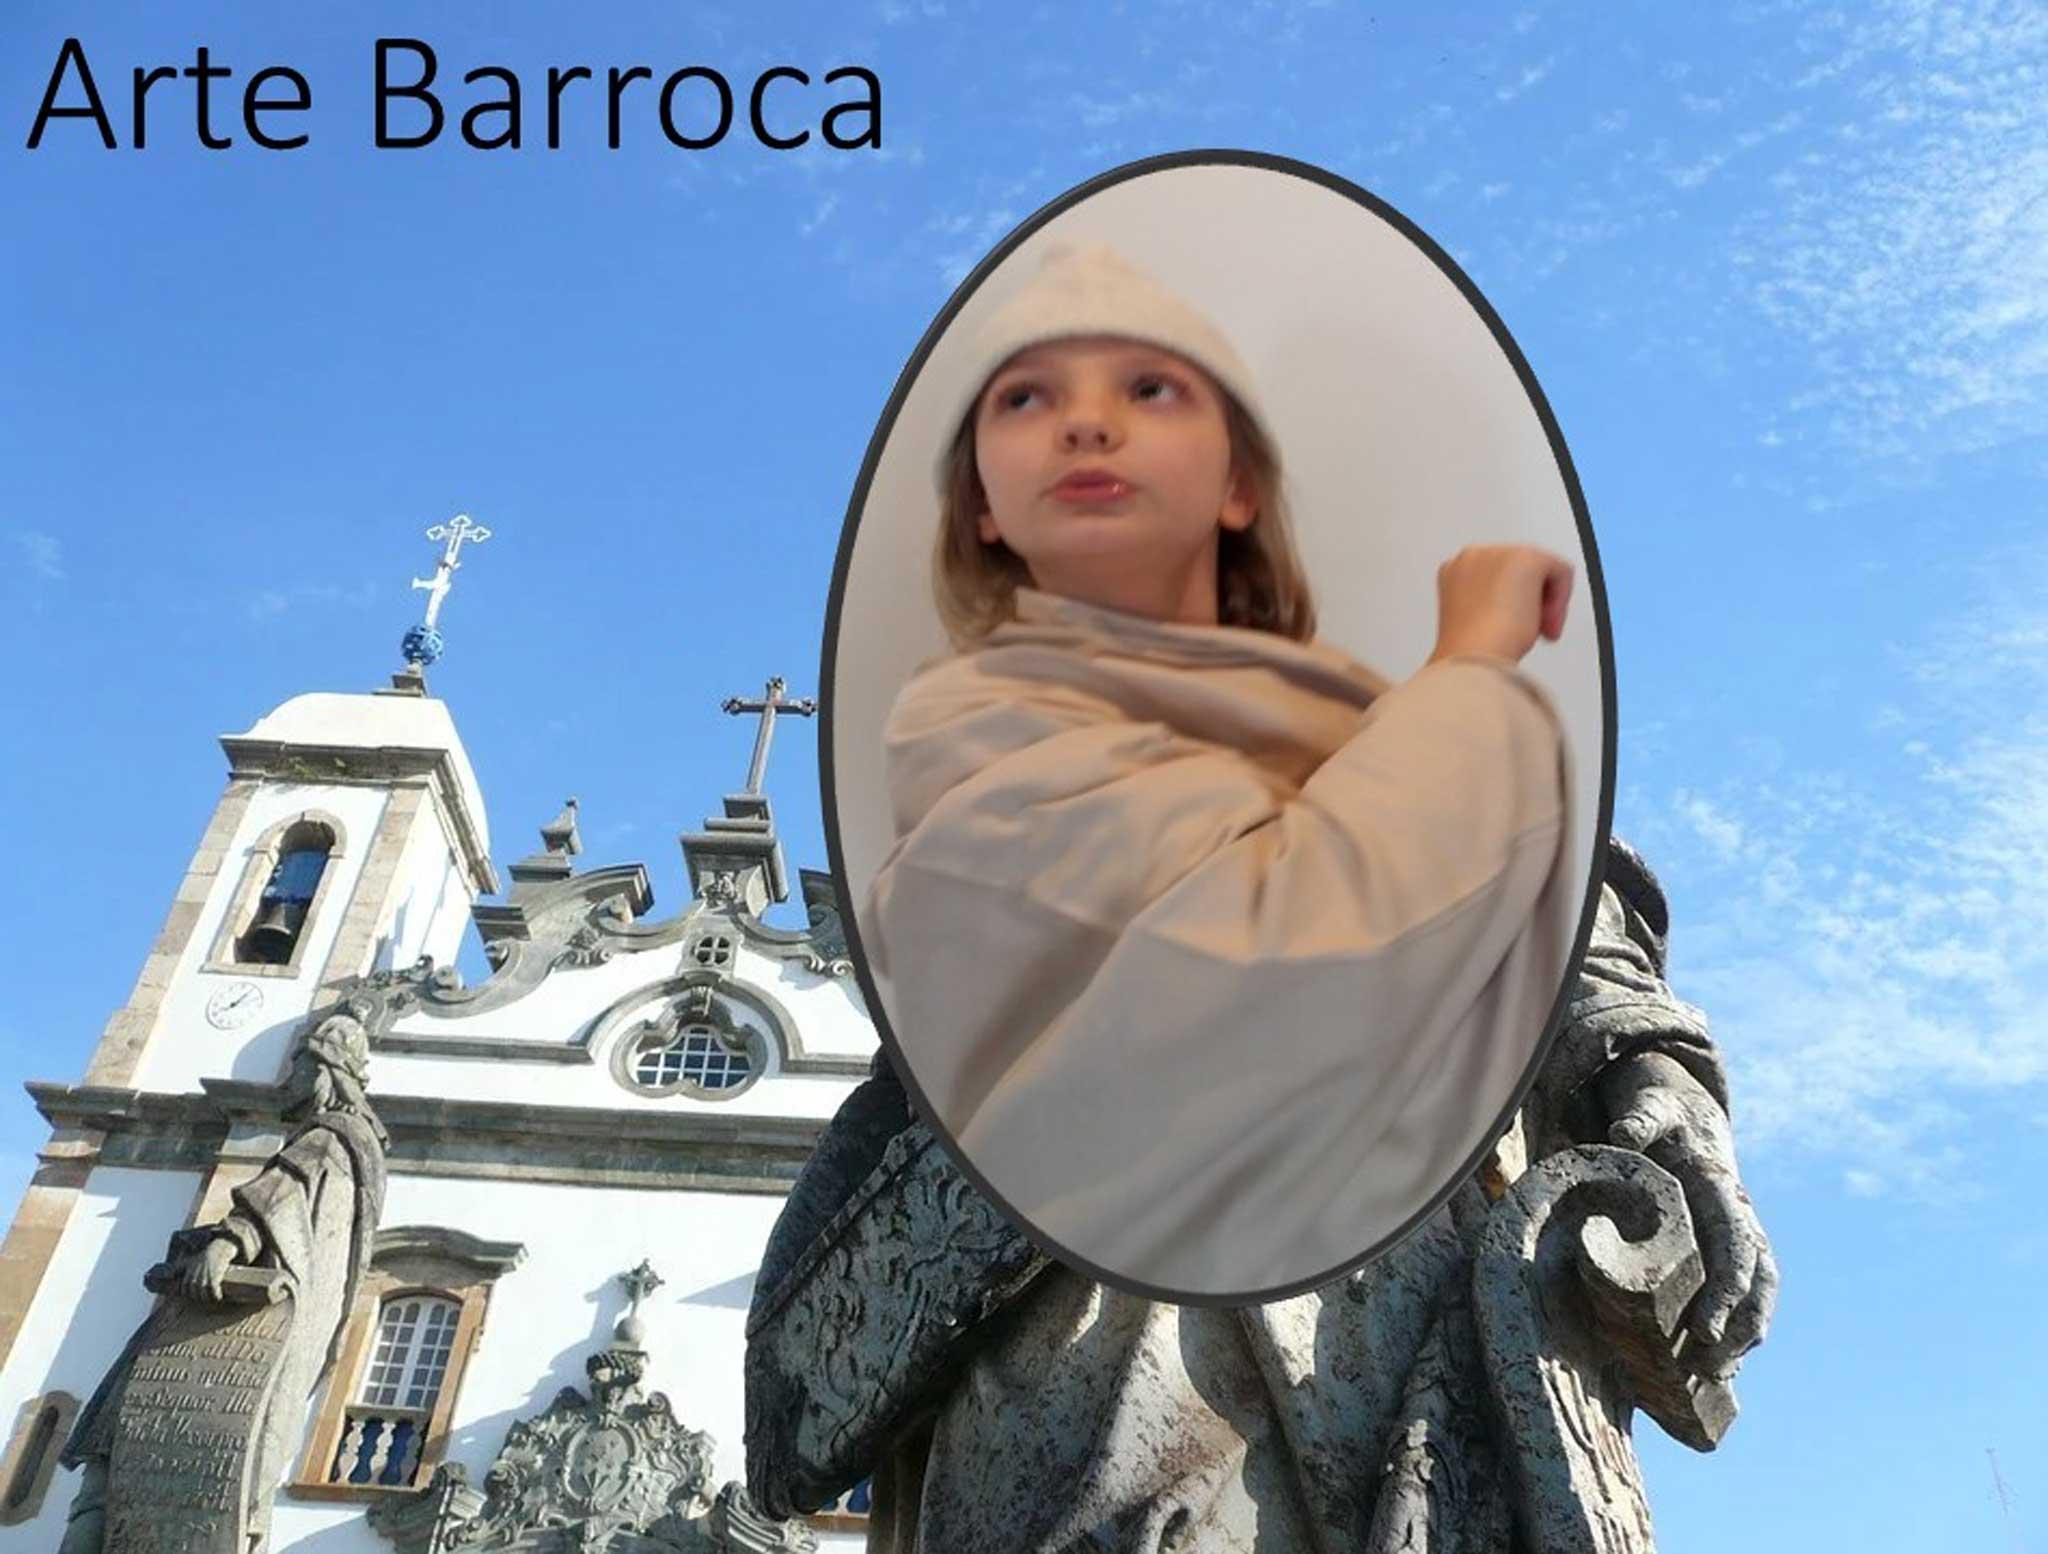 Arte Barroca no Brasil - 4o. ano / Barocke Kunst in Brasilien - 4. Klasse